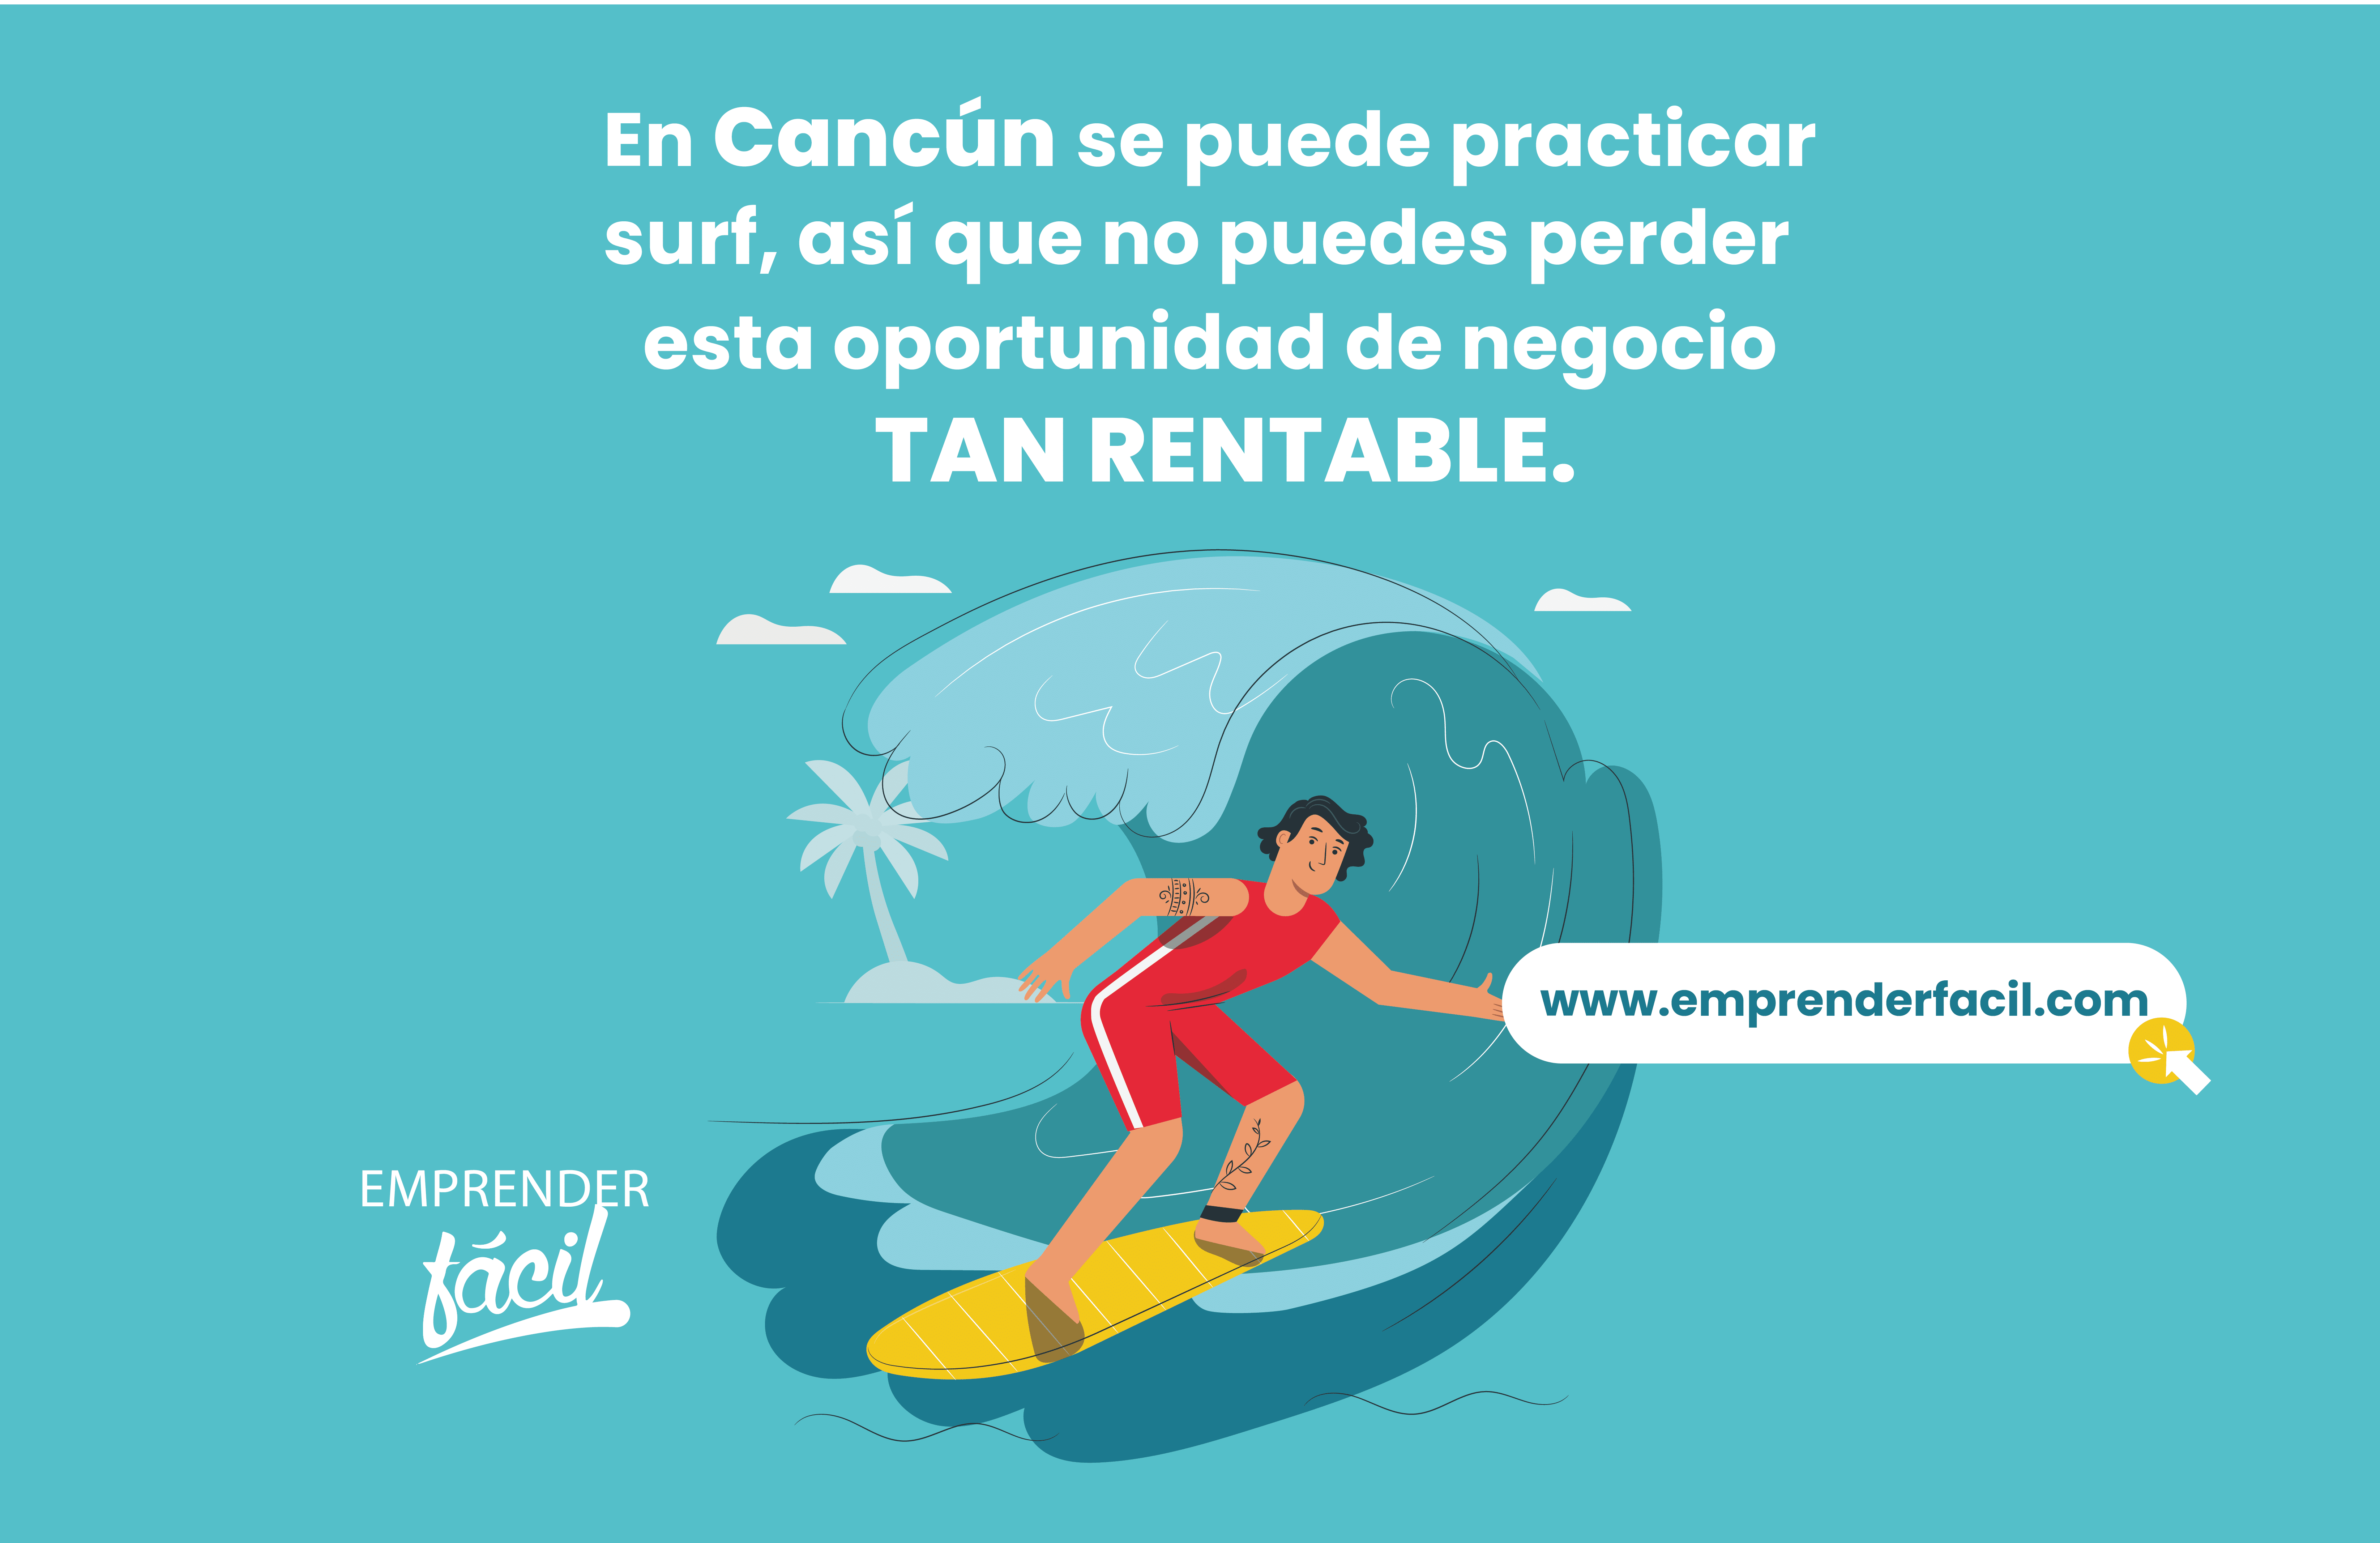 Las tiendas de Surf son uno de los negocios rentables en Cancún